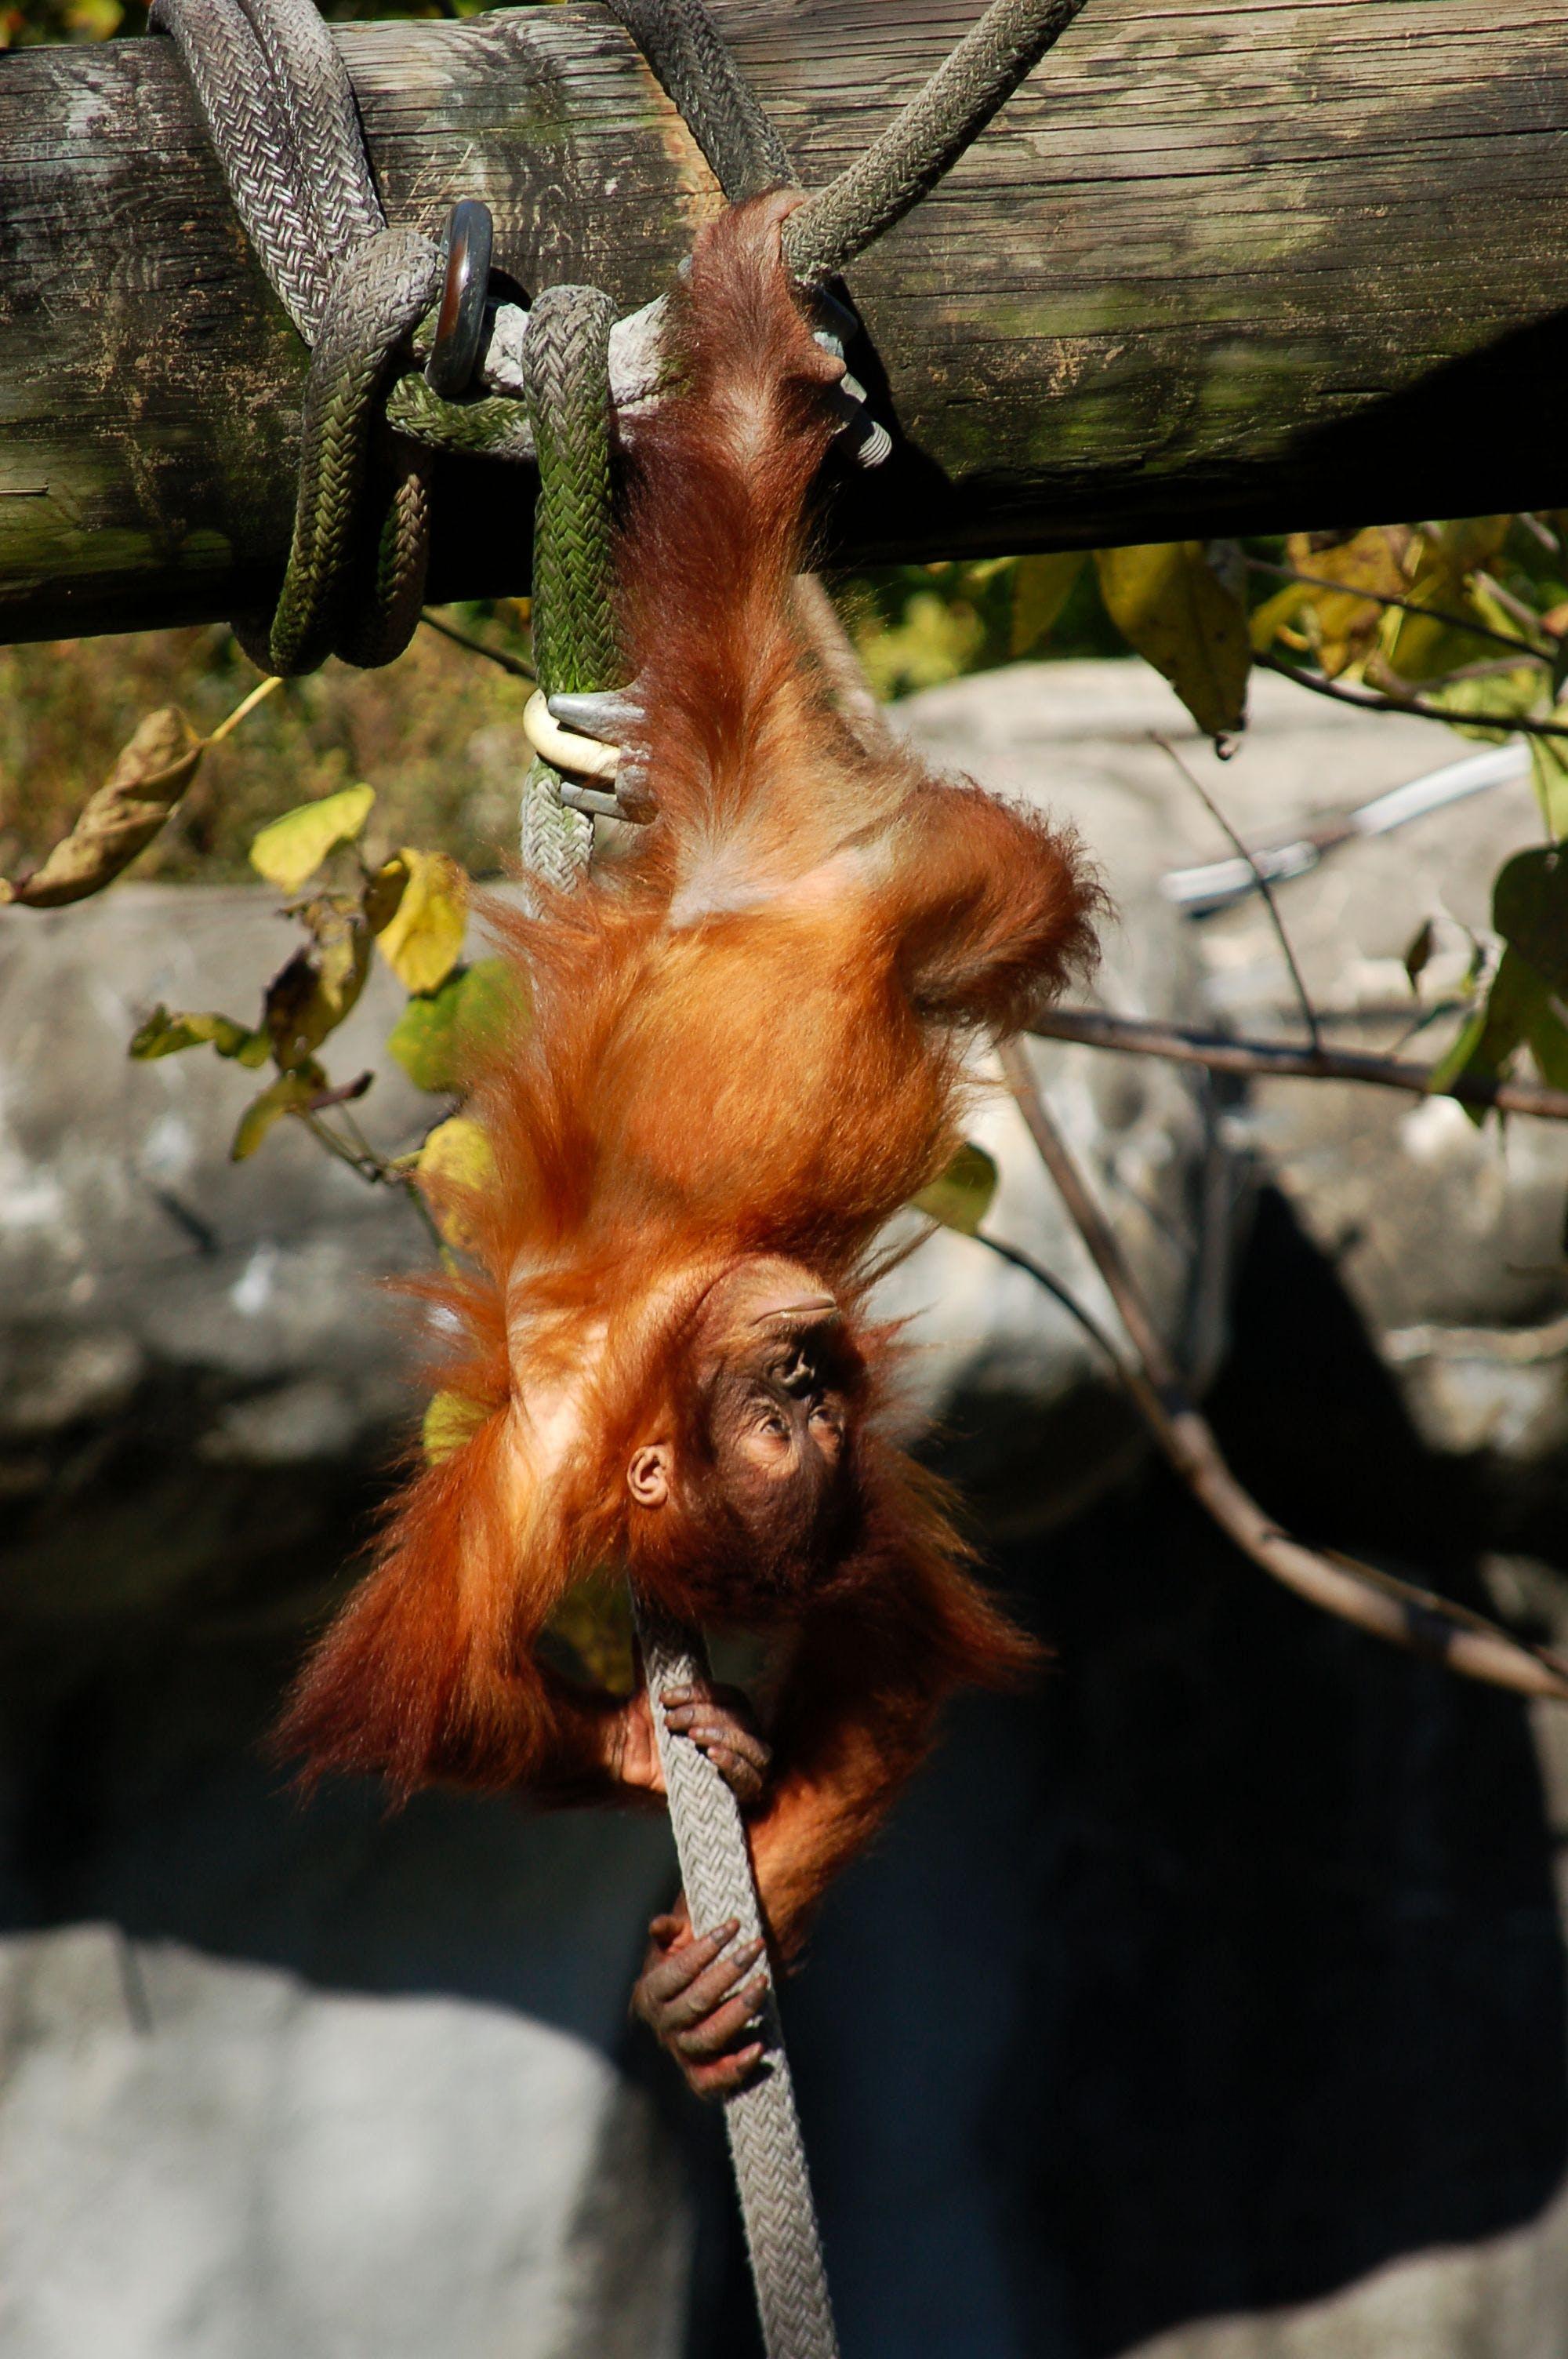 ぶら下がり, オランウータン, ロープ, 動物の無料の写真素材